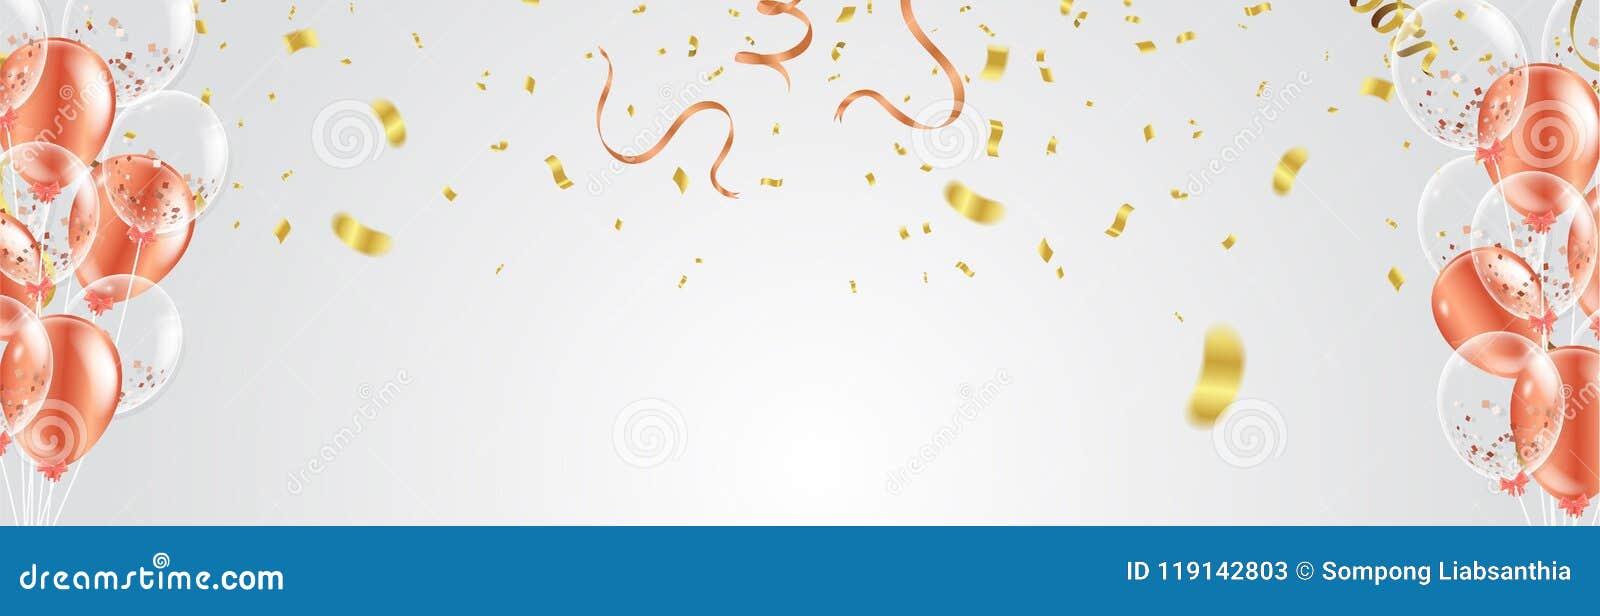 Berömbaner med den röda guld- konfetti- och ballongvektorn il